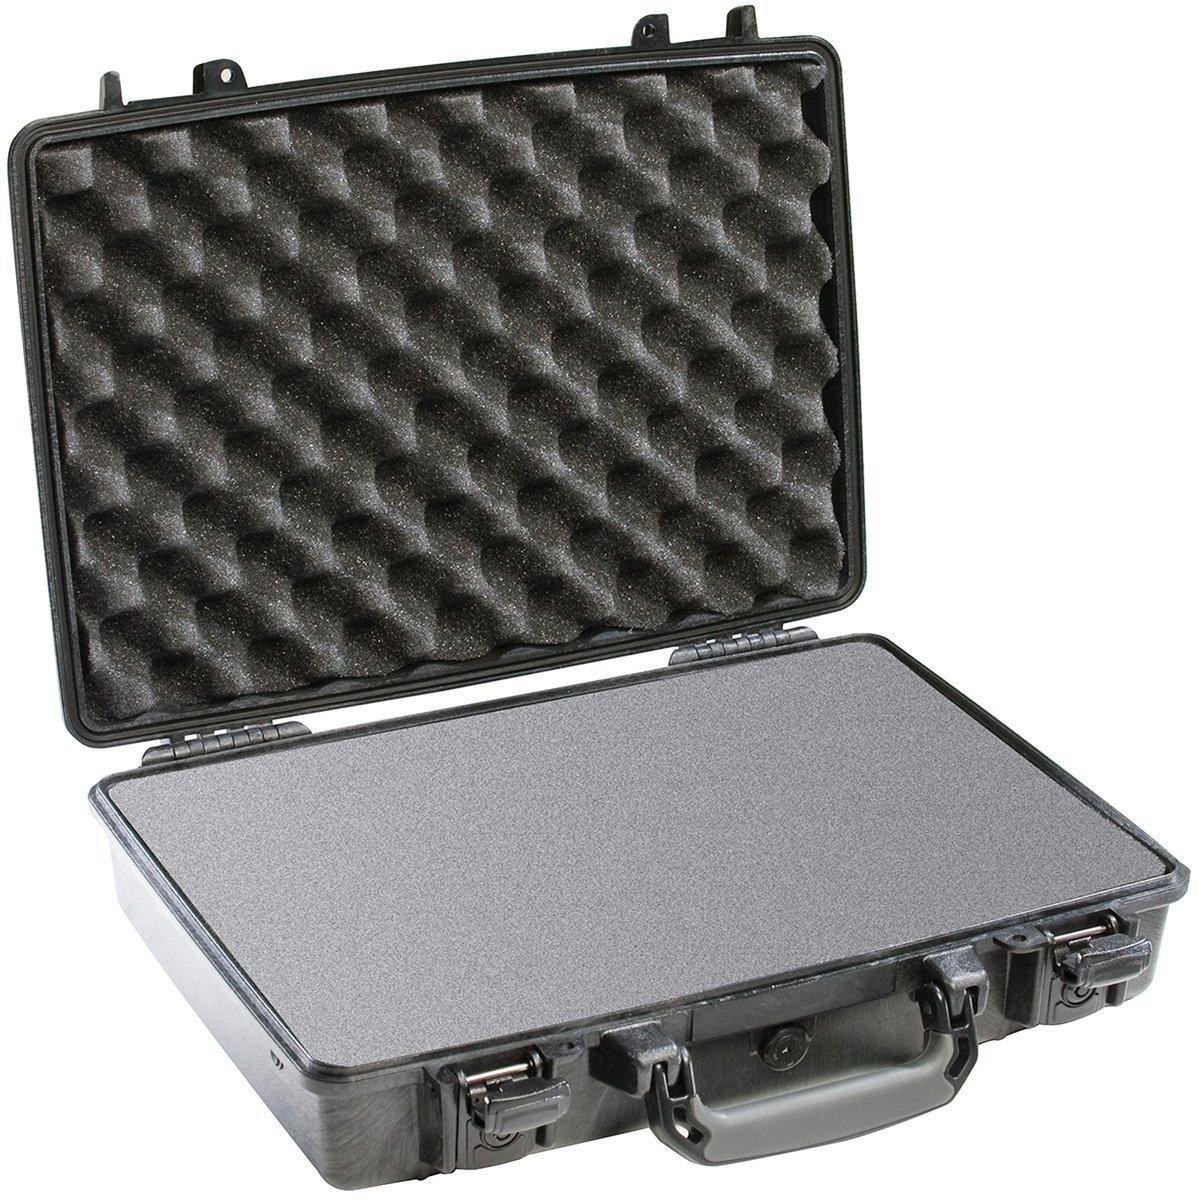 camera case pelican 1490, best camera case, slr camera case, camera lens case